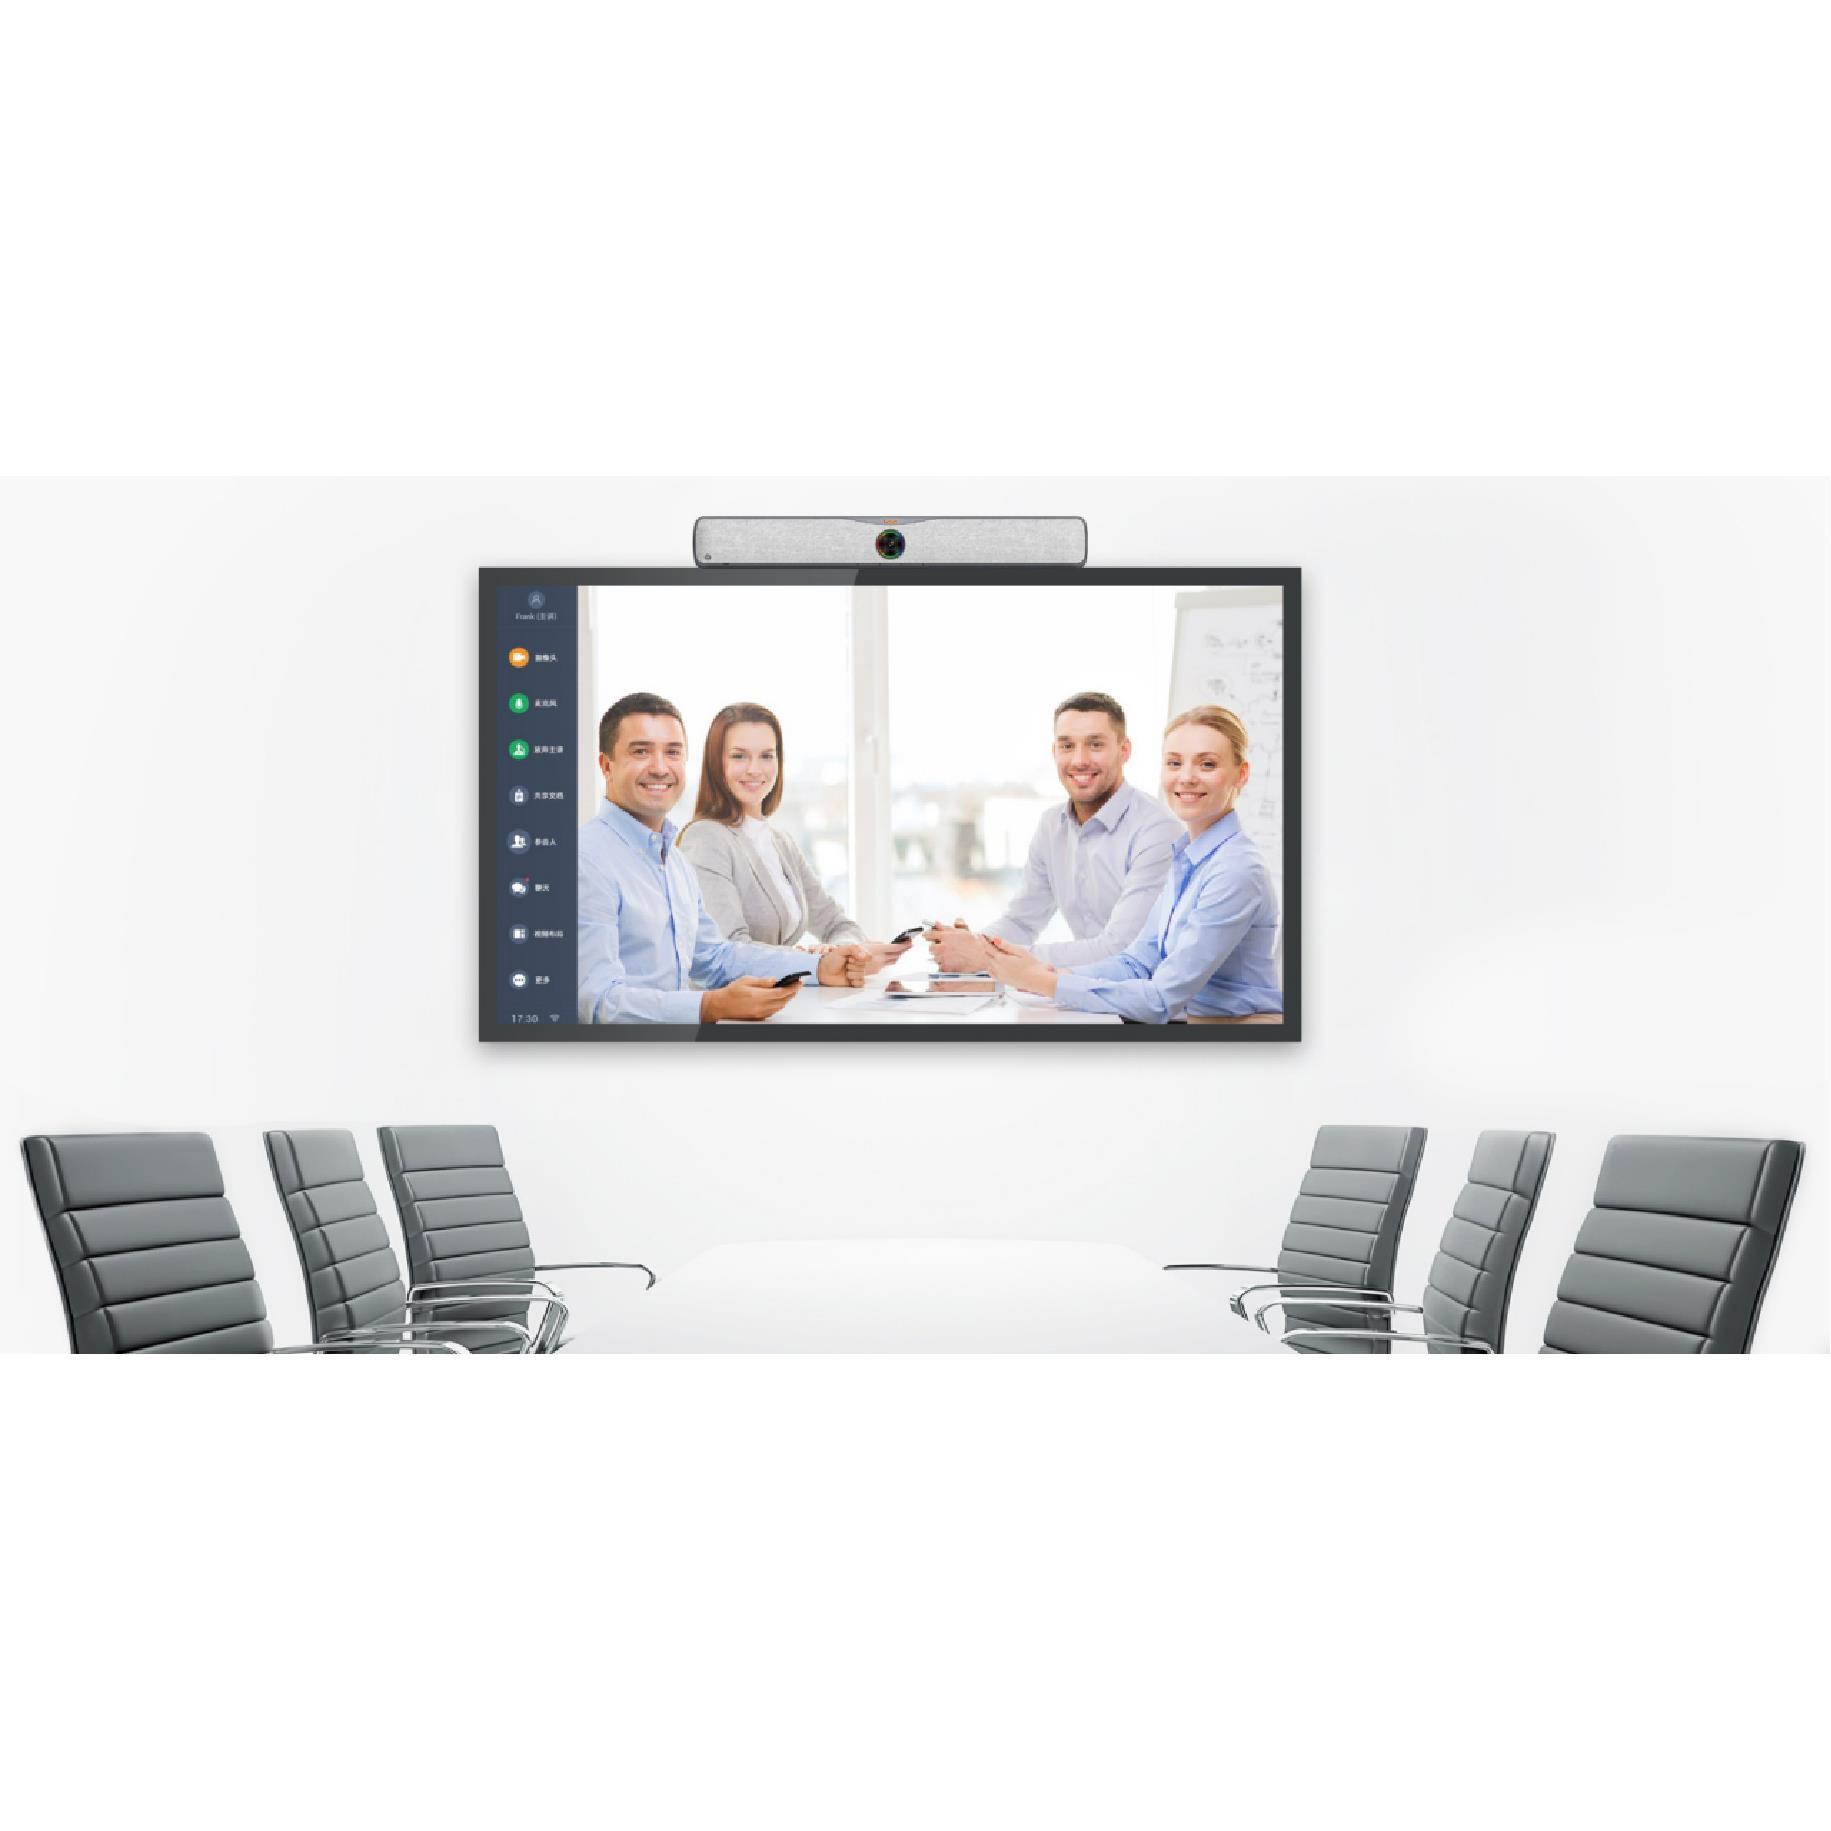 远程视频会议软件 远程视频会议